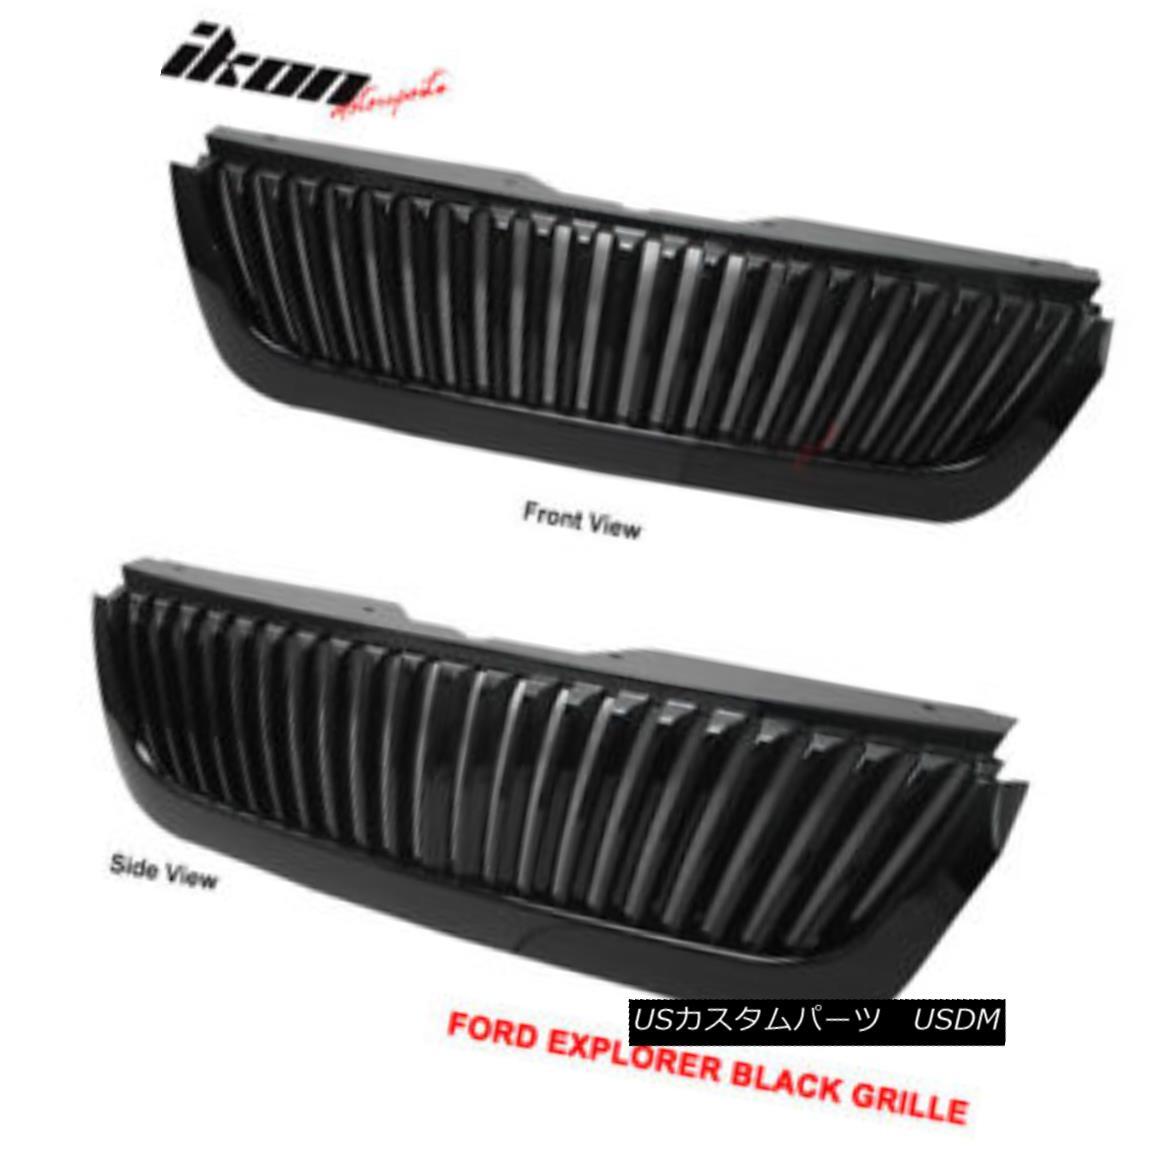 グリル Fits 02-05 Ford Explorer 4DR Vertical Style Black Hood Grille Grill フィット02-05フォードエクスプローラー4DR垂直スタイルブラックフードグリルグリル